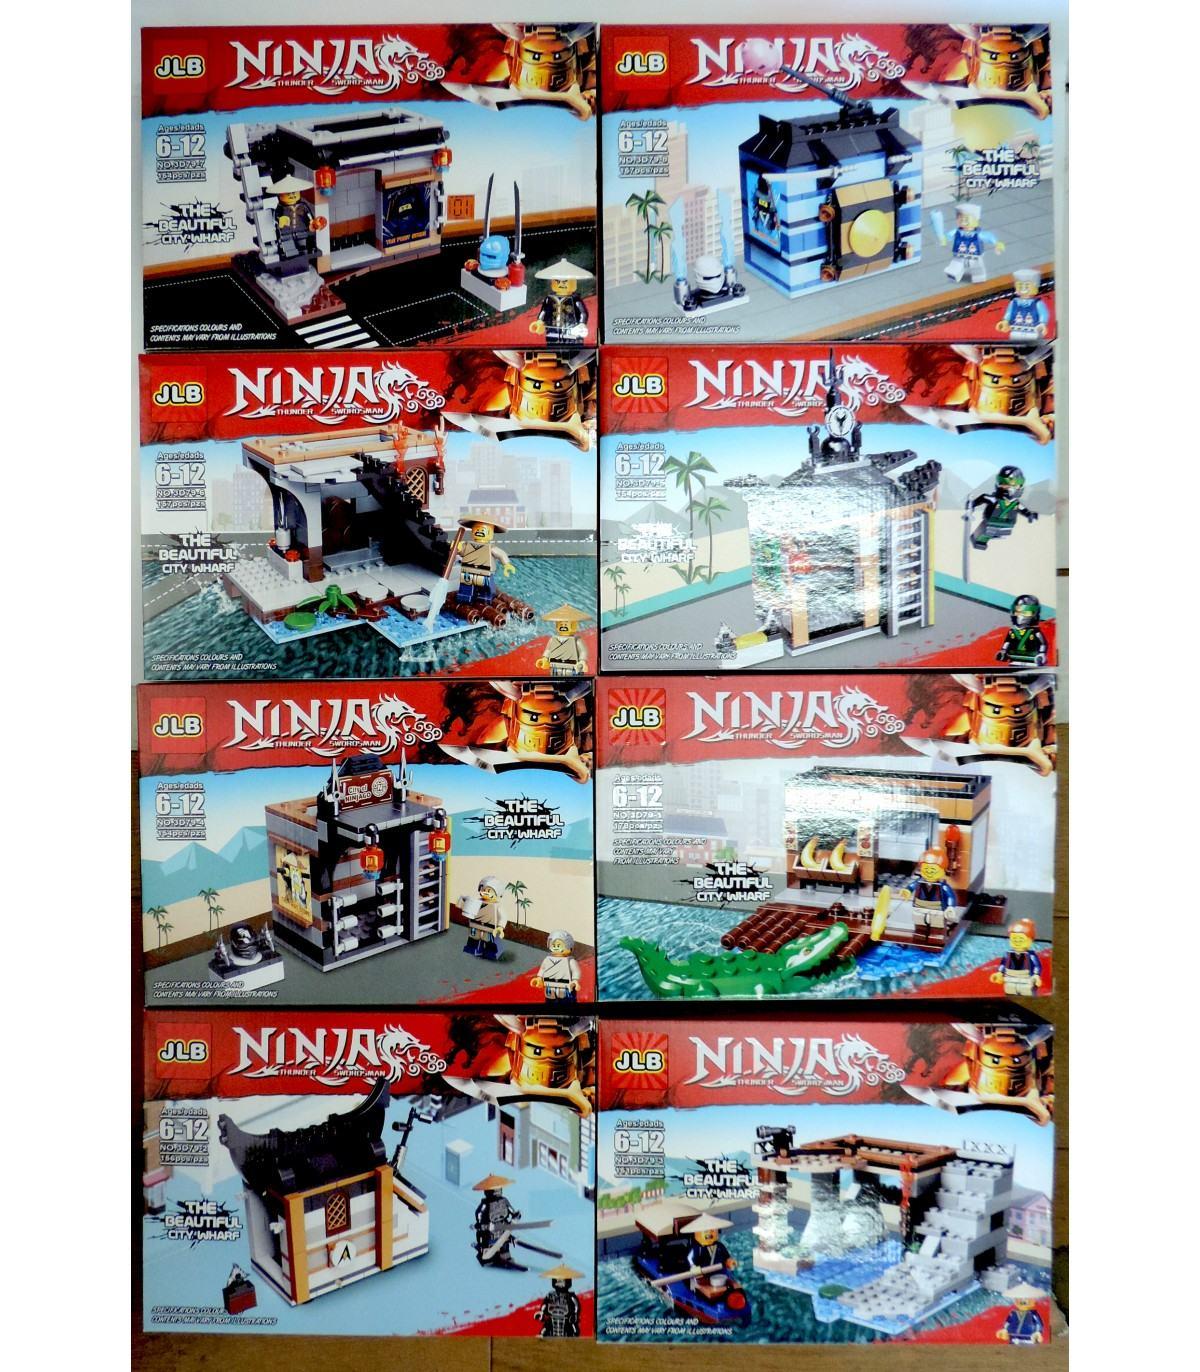 Фотография 1 товарной позиции интернет-магазина детских игрушек www.smarttoys.com.ua Конструктори JLB НинзяГо 8 Ninja 150+ GA7-9